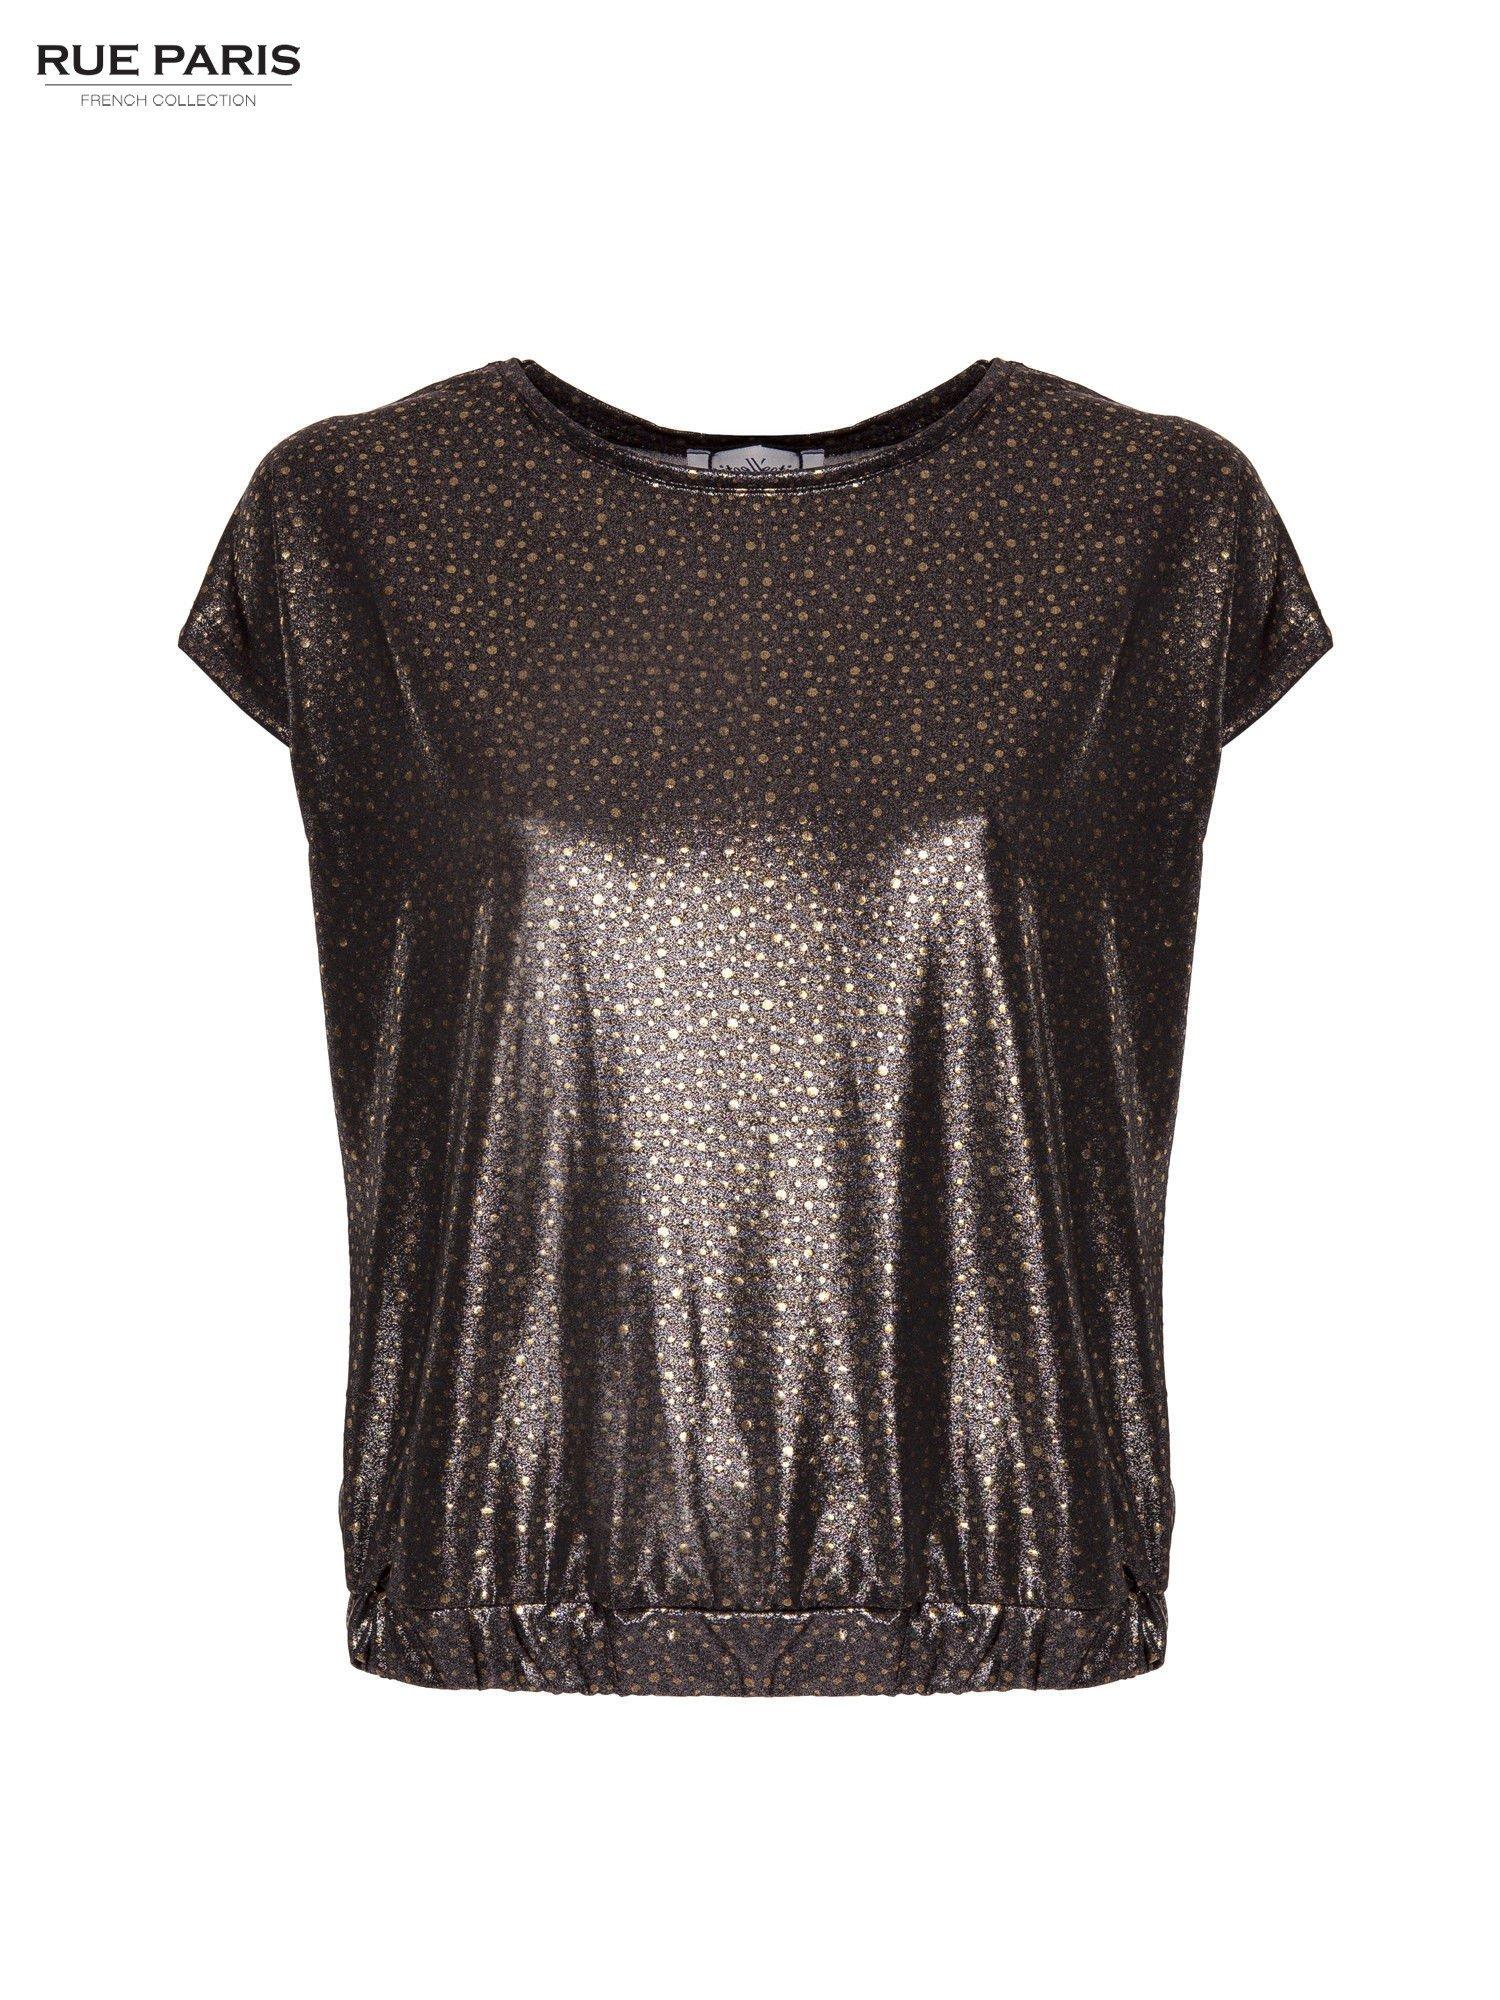 Błyszcząca bluzka w stylu disco                                  zdj.                                  1